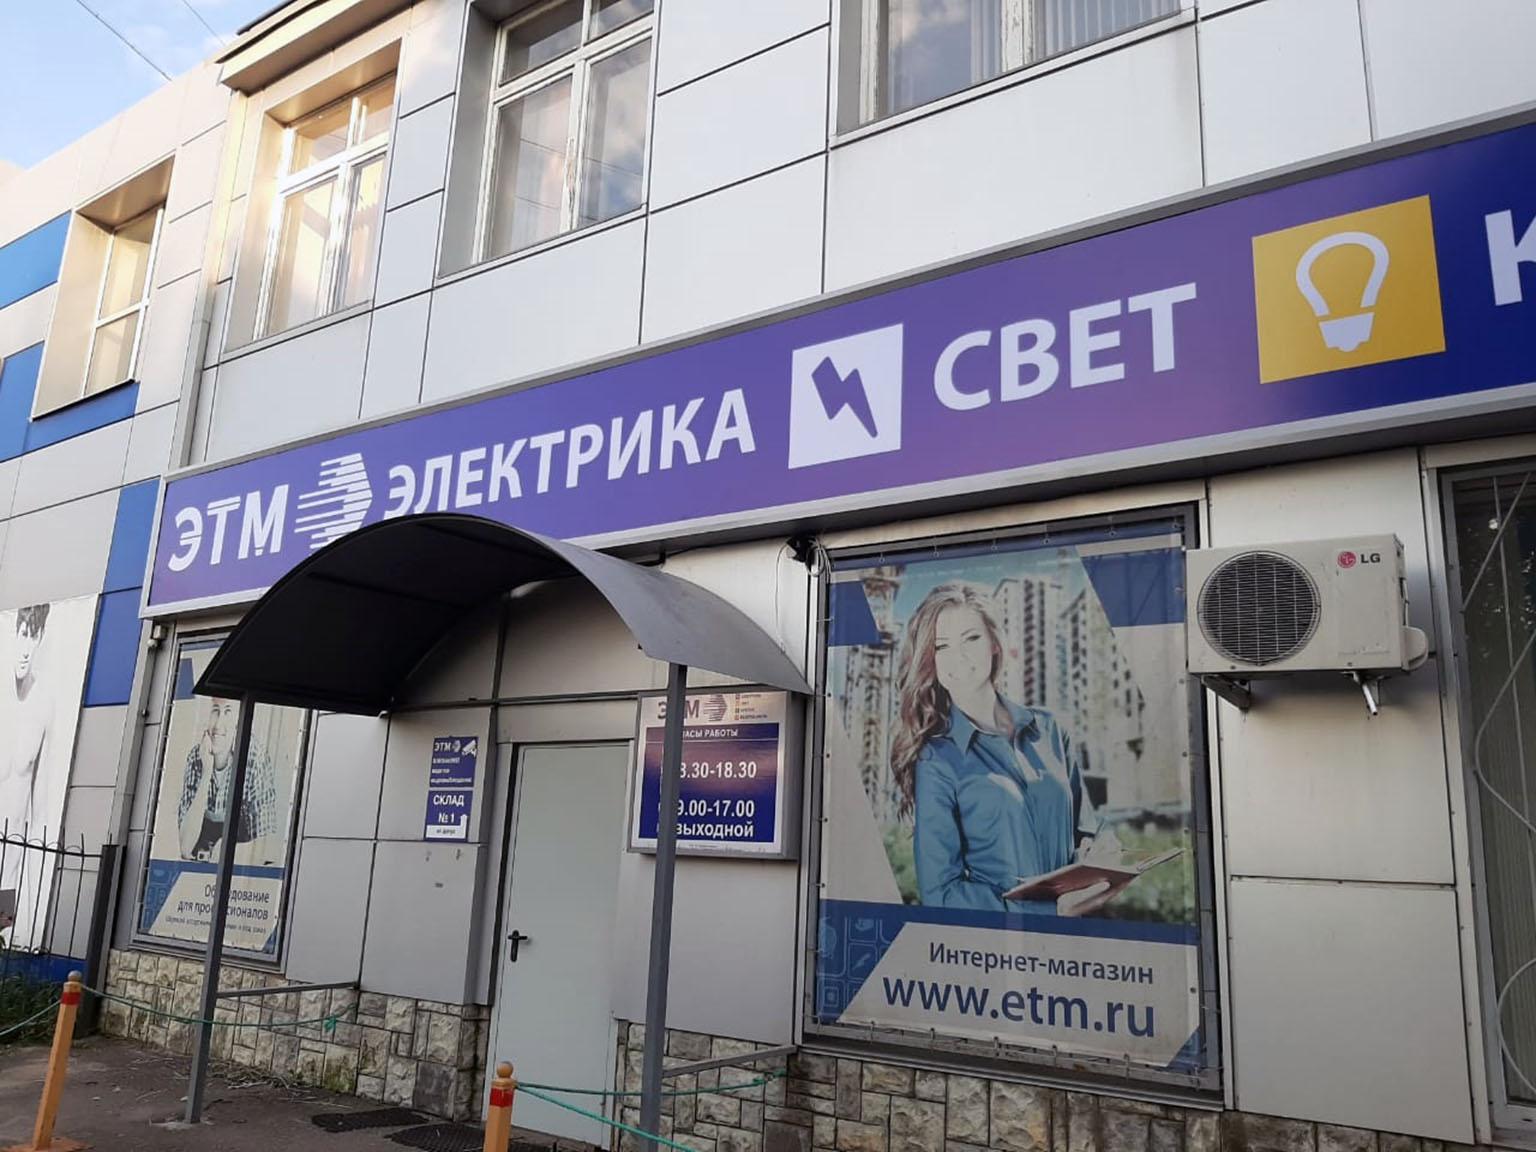 Магазин «ЭТМ», объемный световой короб